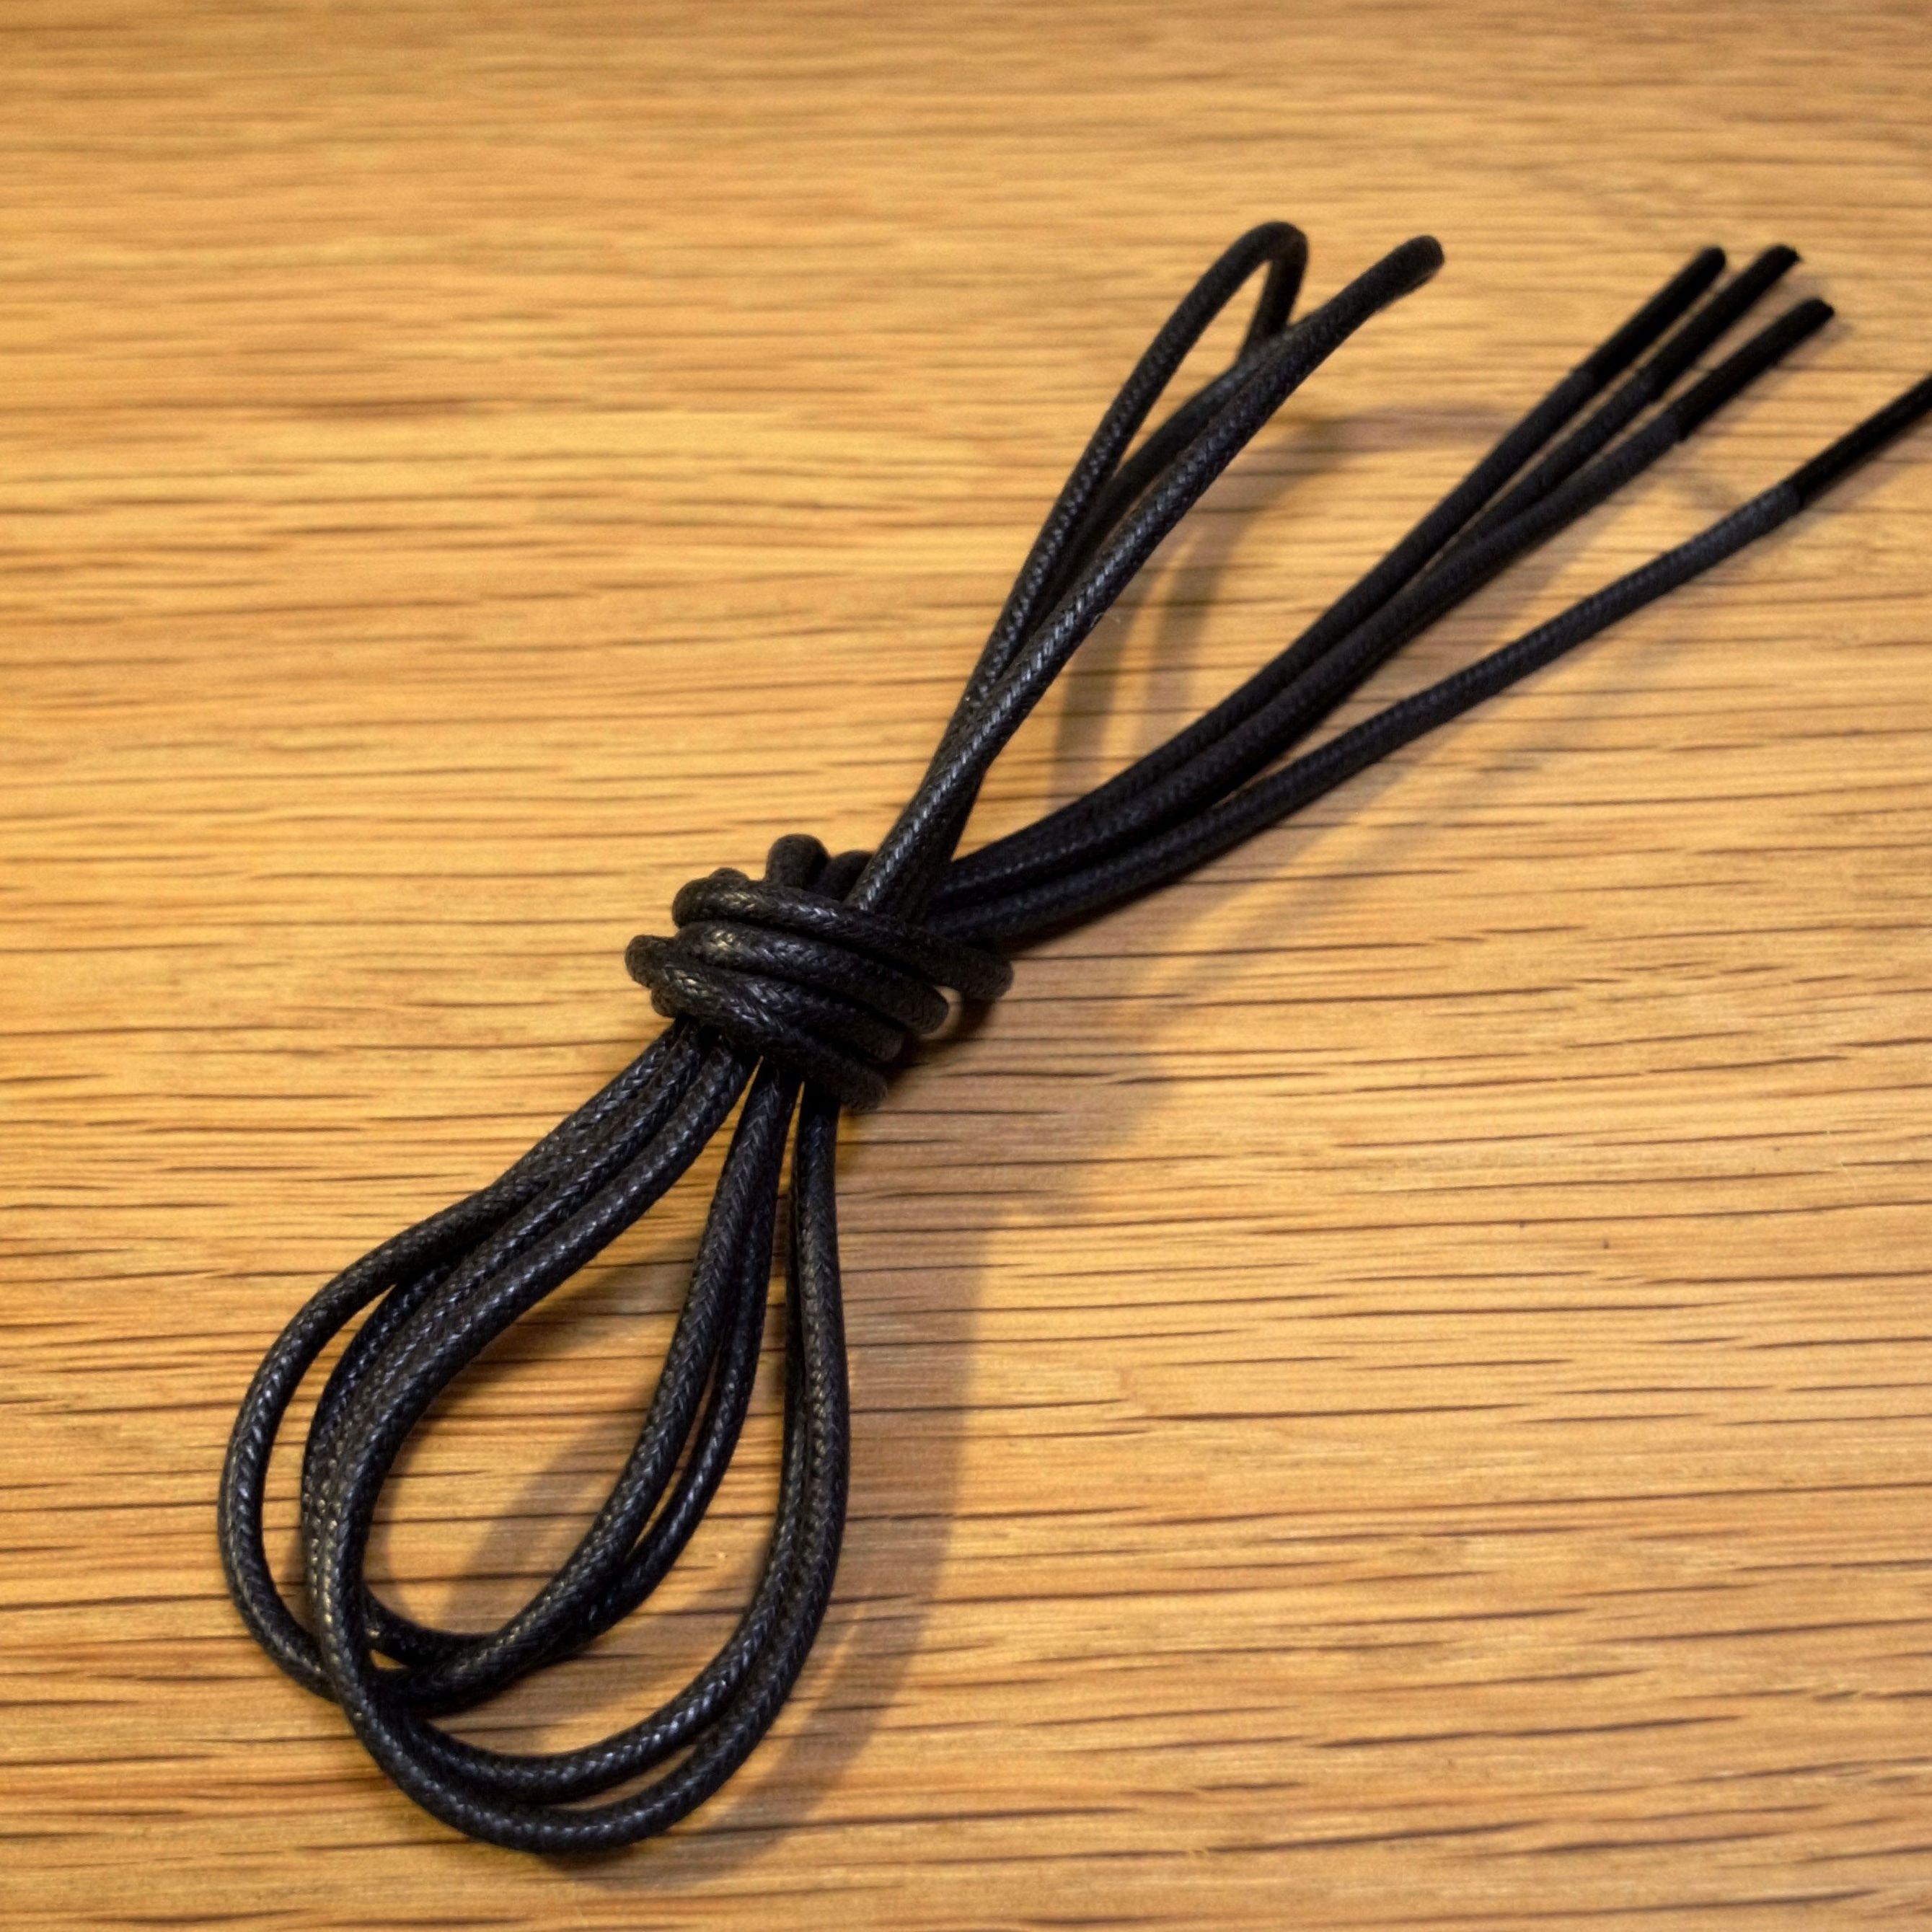 黒/丸紐/ロウ引き/レギュラー